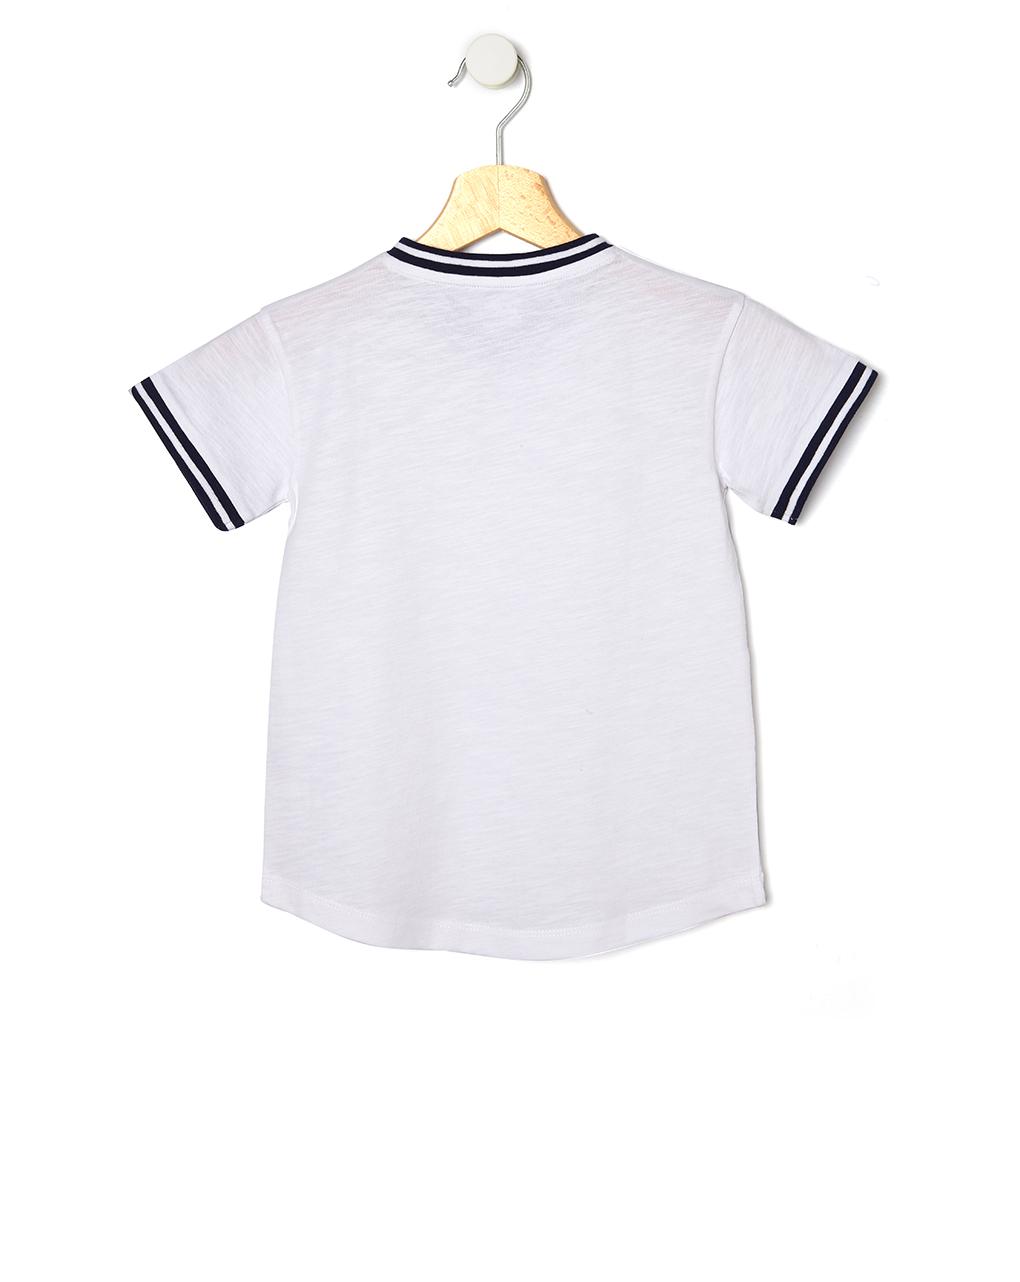 Camiseta básica de meia manga - Prénatal